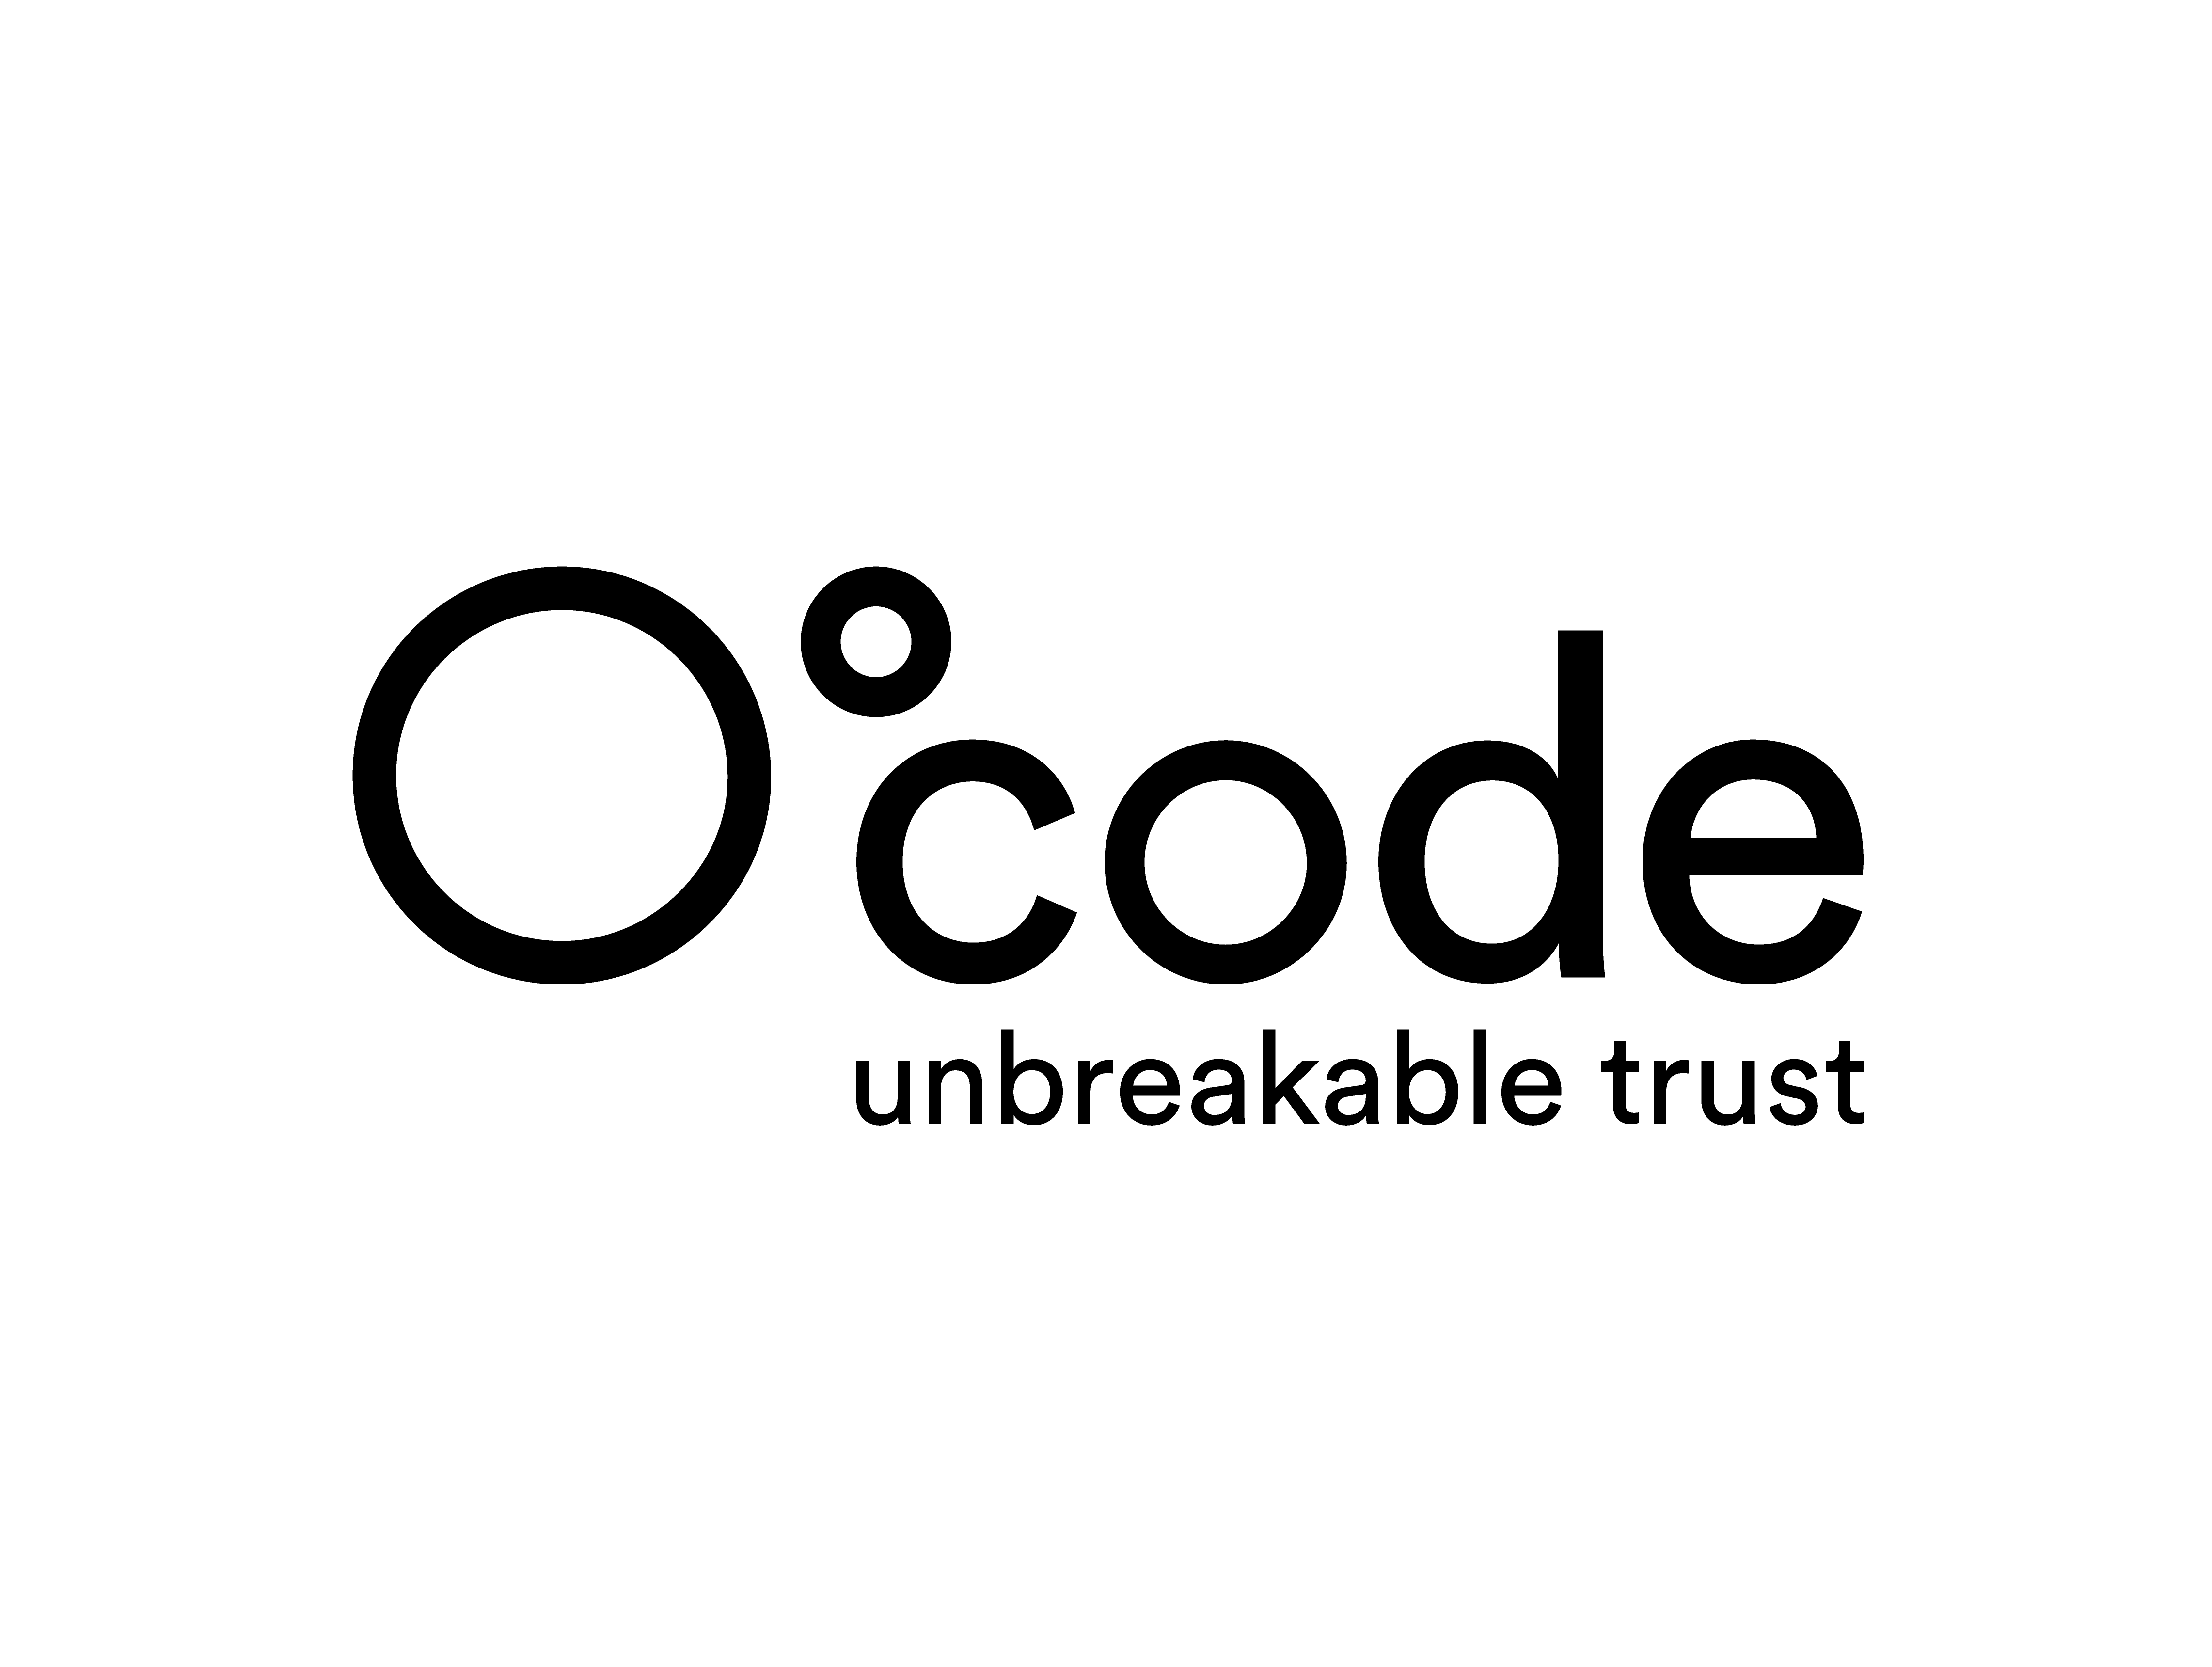 O°code